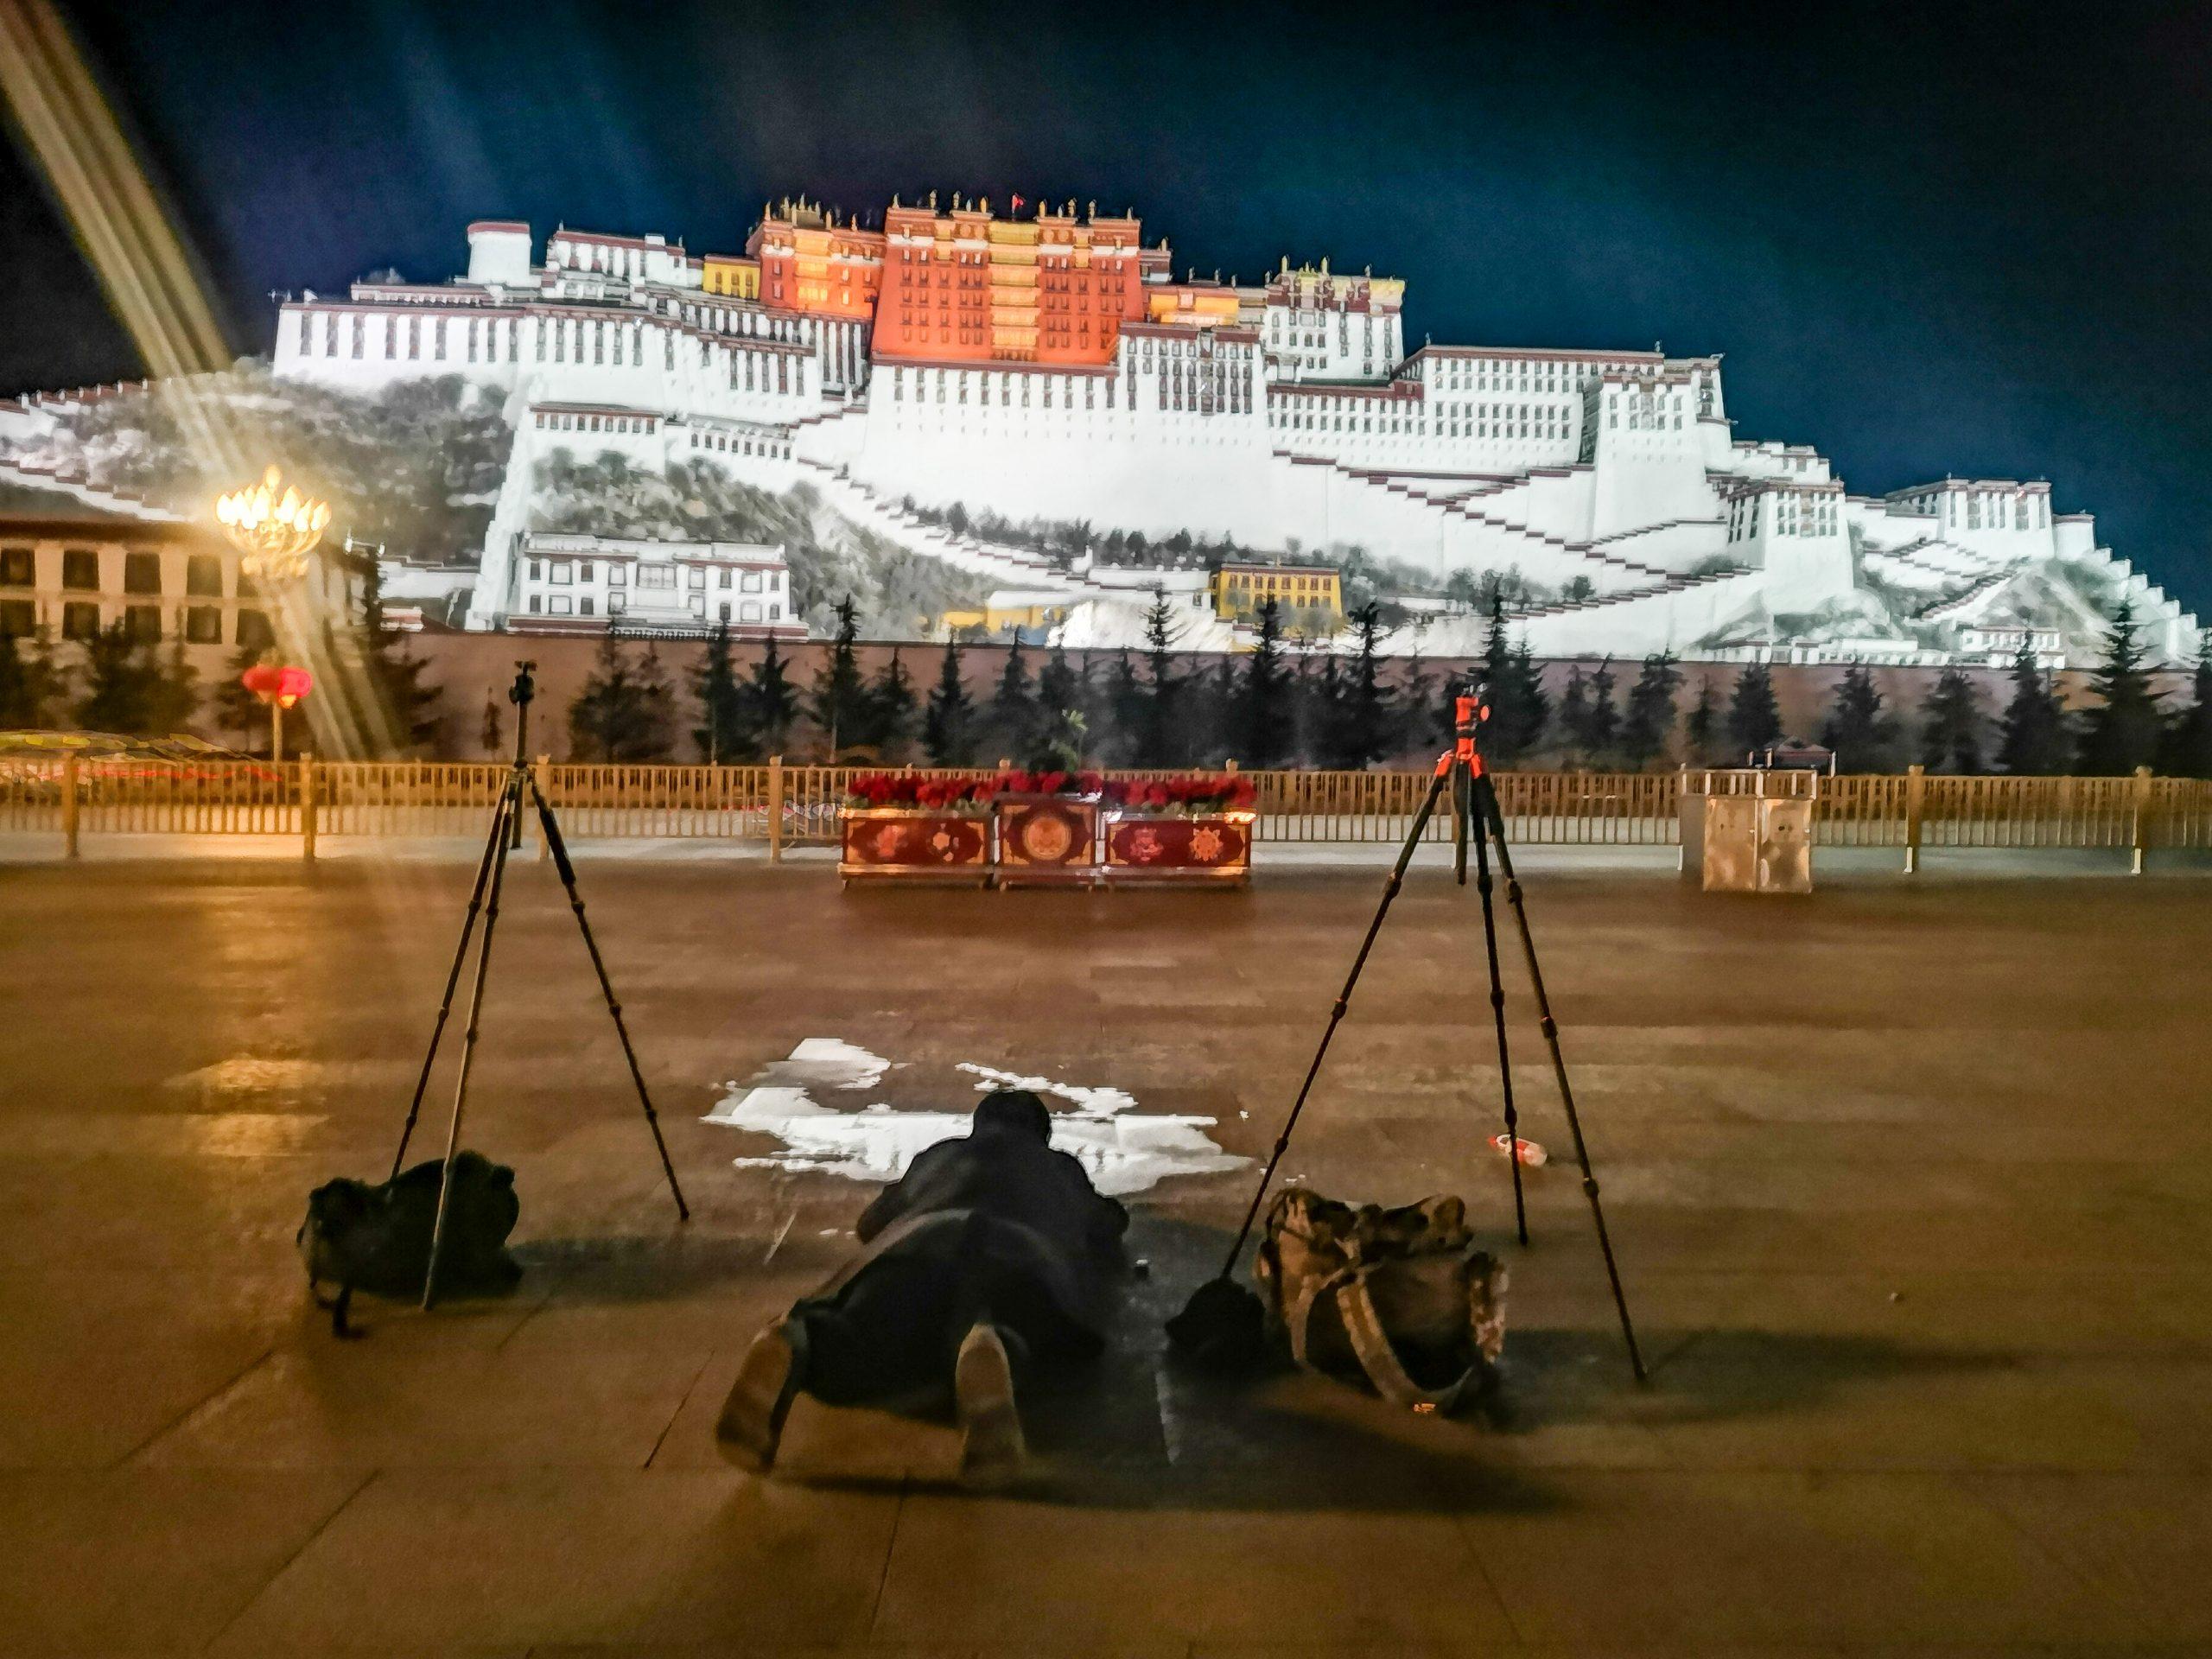 西藏5天4夜旅遊行程-原來建立布達拉宮的理由全都因為愛,布達拉宮裡的愛情故事以及千百年累積的意念情感,沒去西藏不知道,去了才知道祂改變你什麼@跳躍的宅男